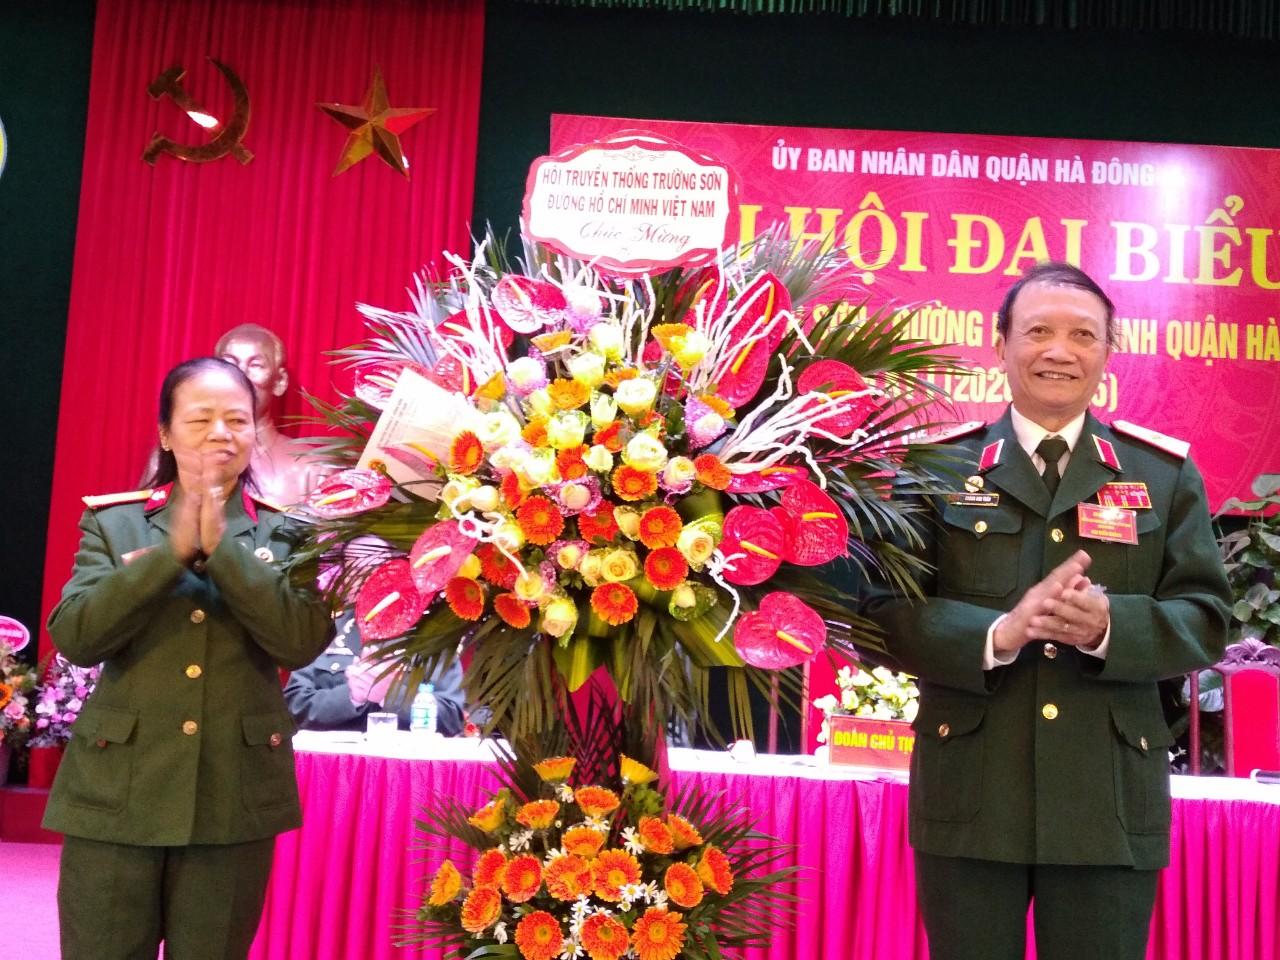 Đại hội Hội Trường Sơn quận Hà Đông lần thứ nhất